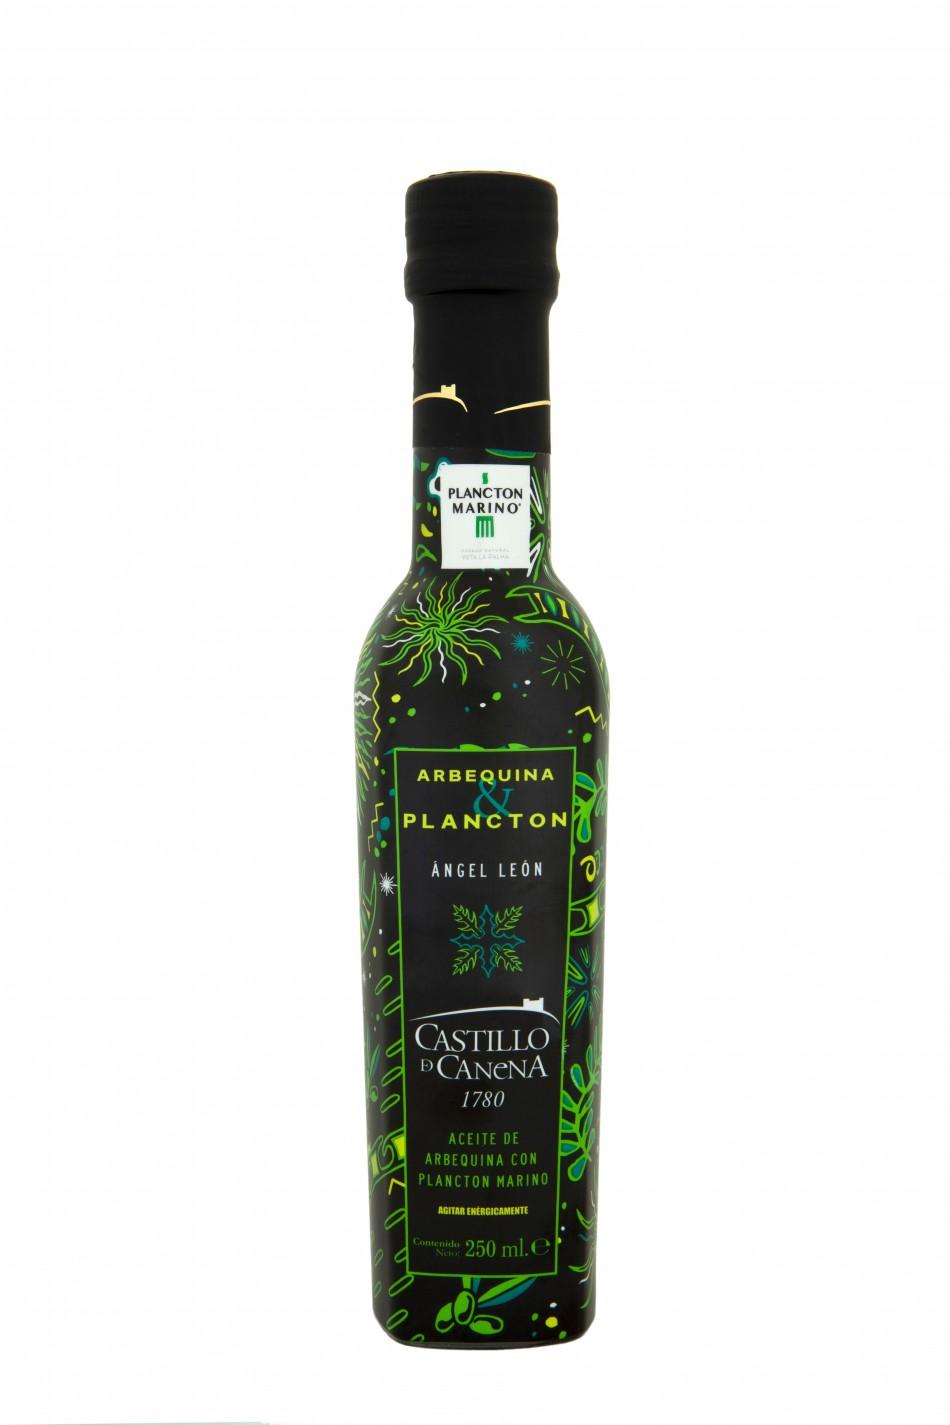 """Castillo de Canena presenta """"Arbequina & Placton"""", el primer aceite de oliva virgen extra con microalgas marinas"""